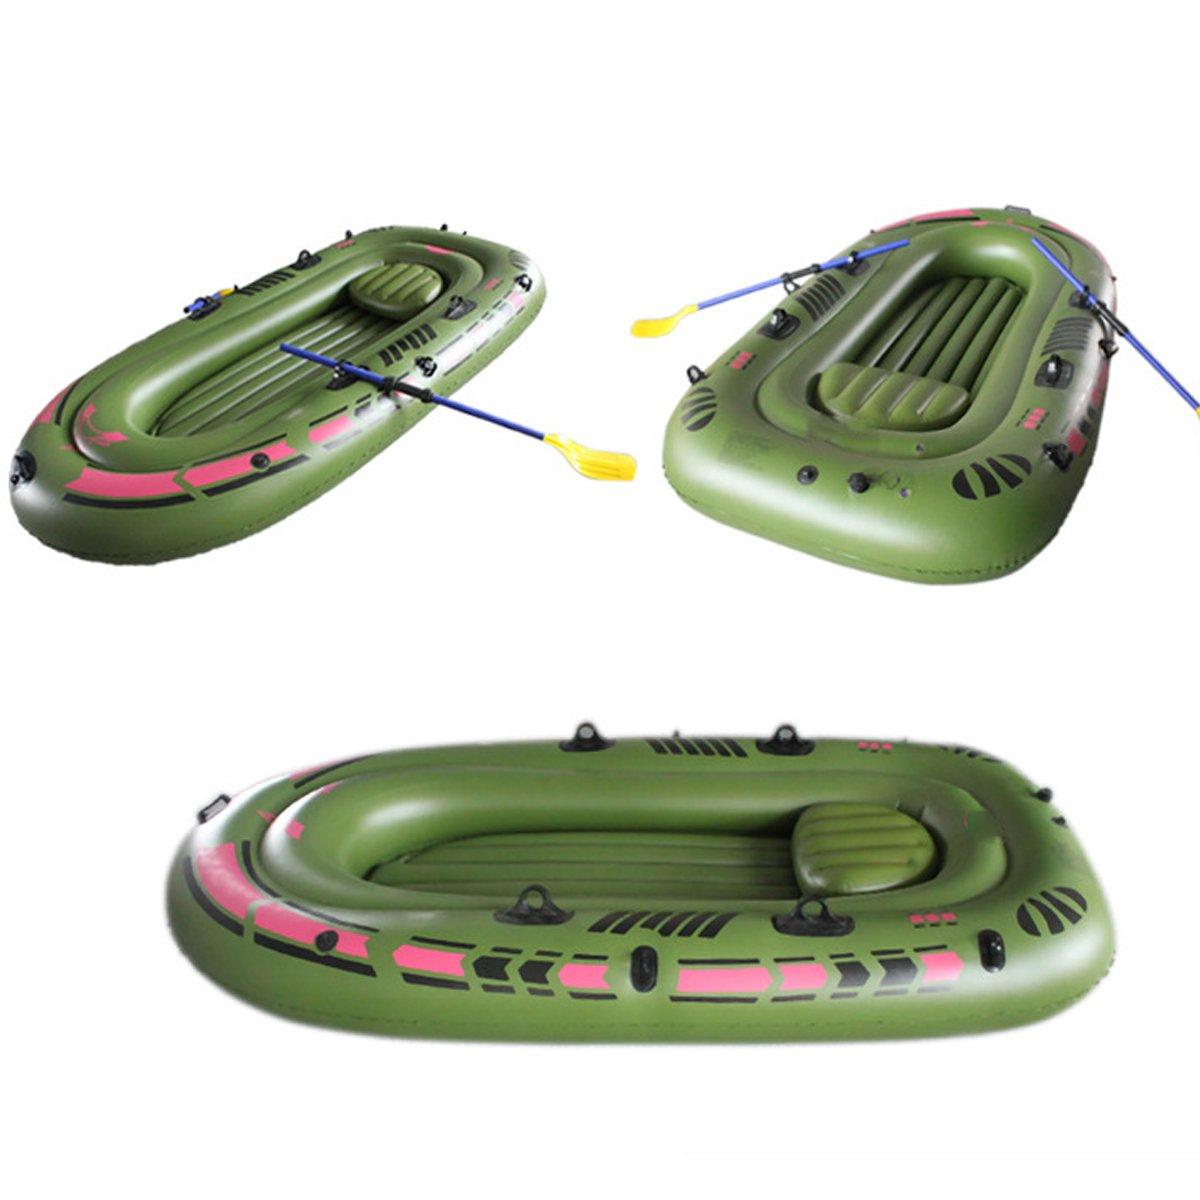 Global Brands Online - Barco Inflable para Kayak de 3 Personas de ...